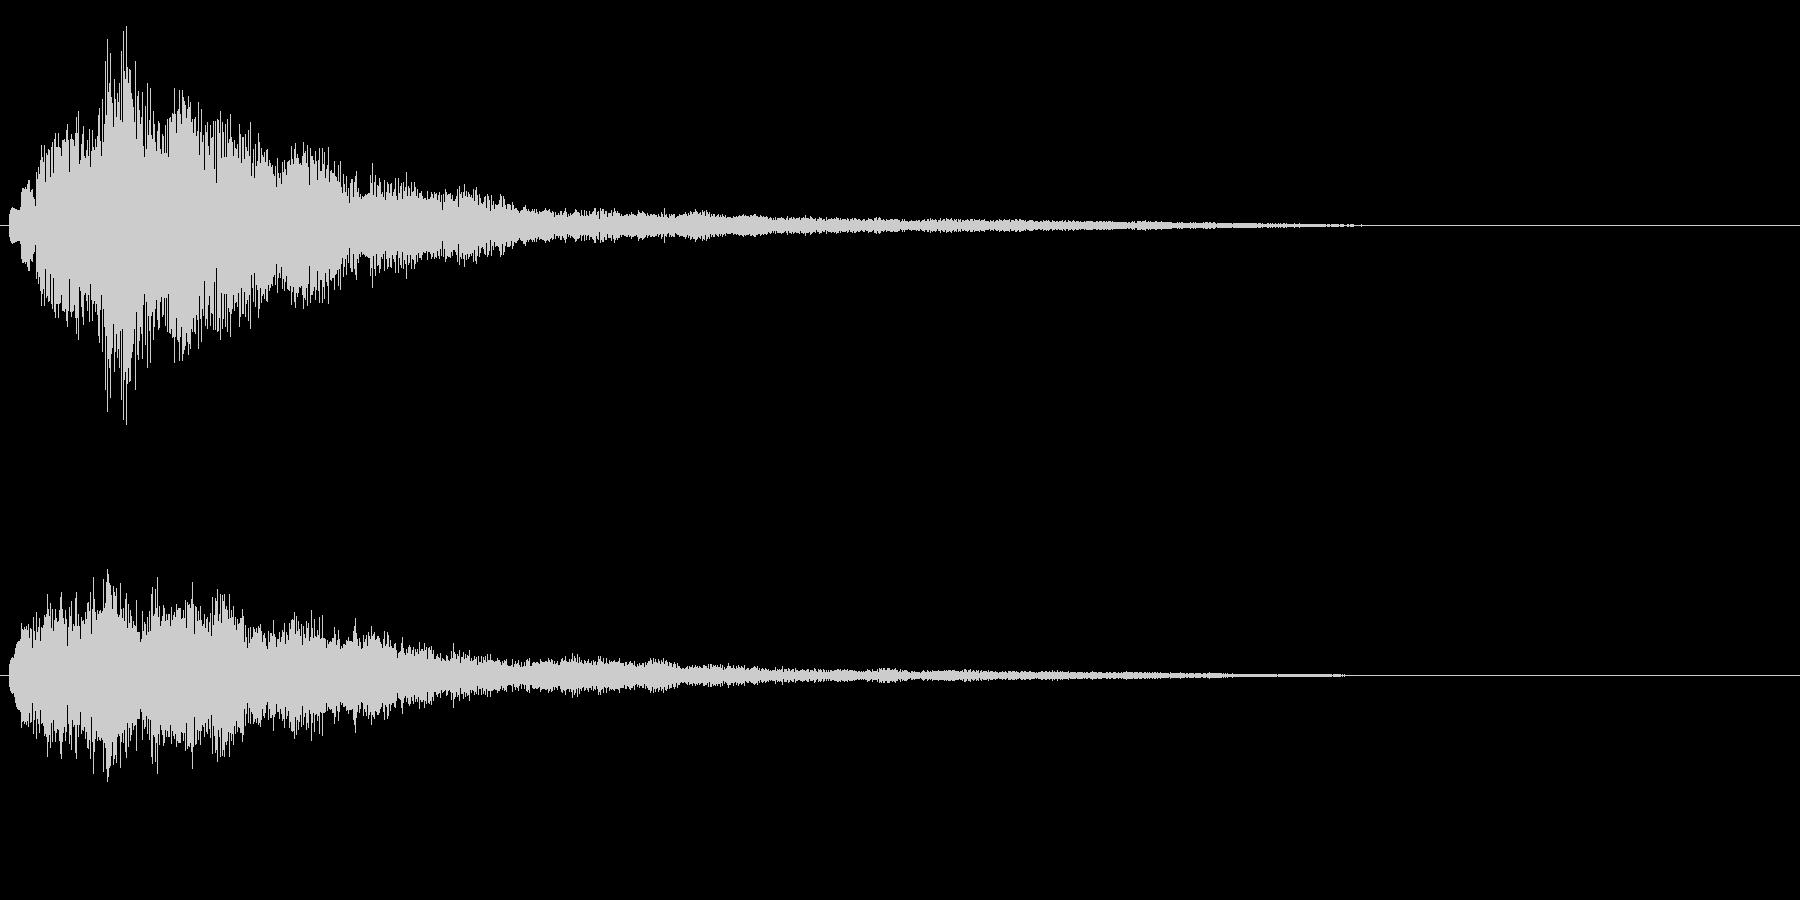 明るいテロップ音 ボタン音 決定音!1cの未再生の波形